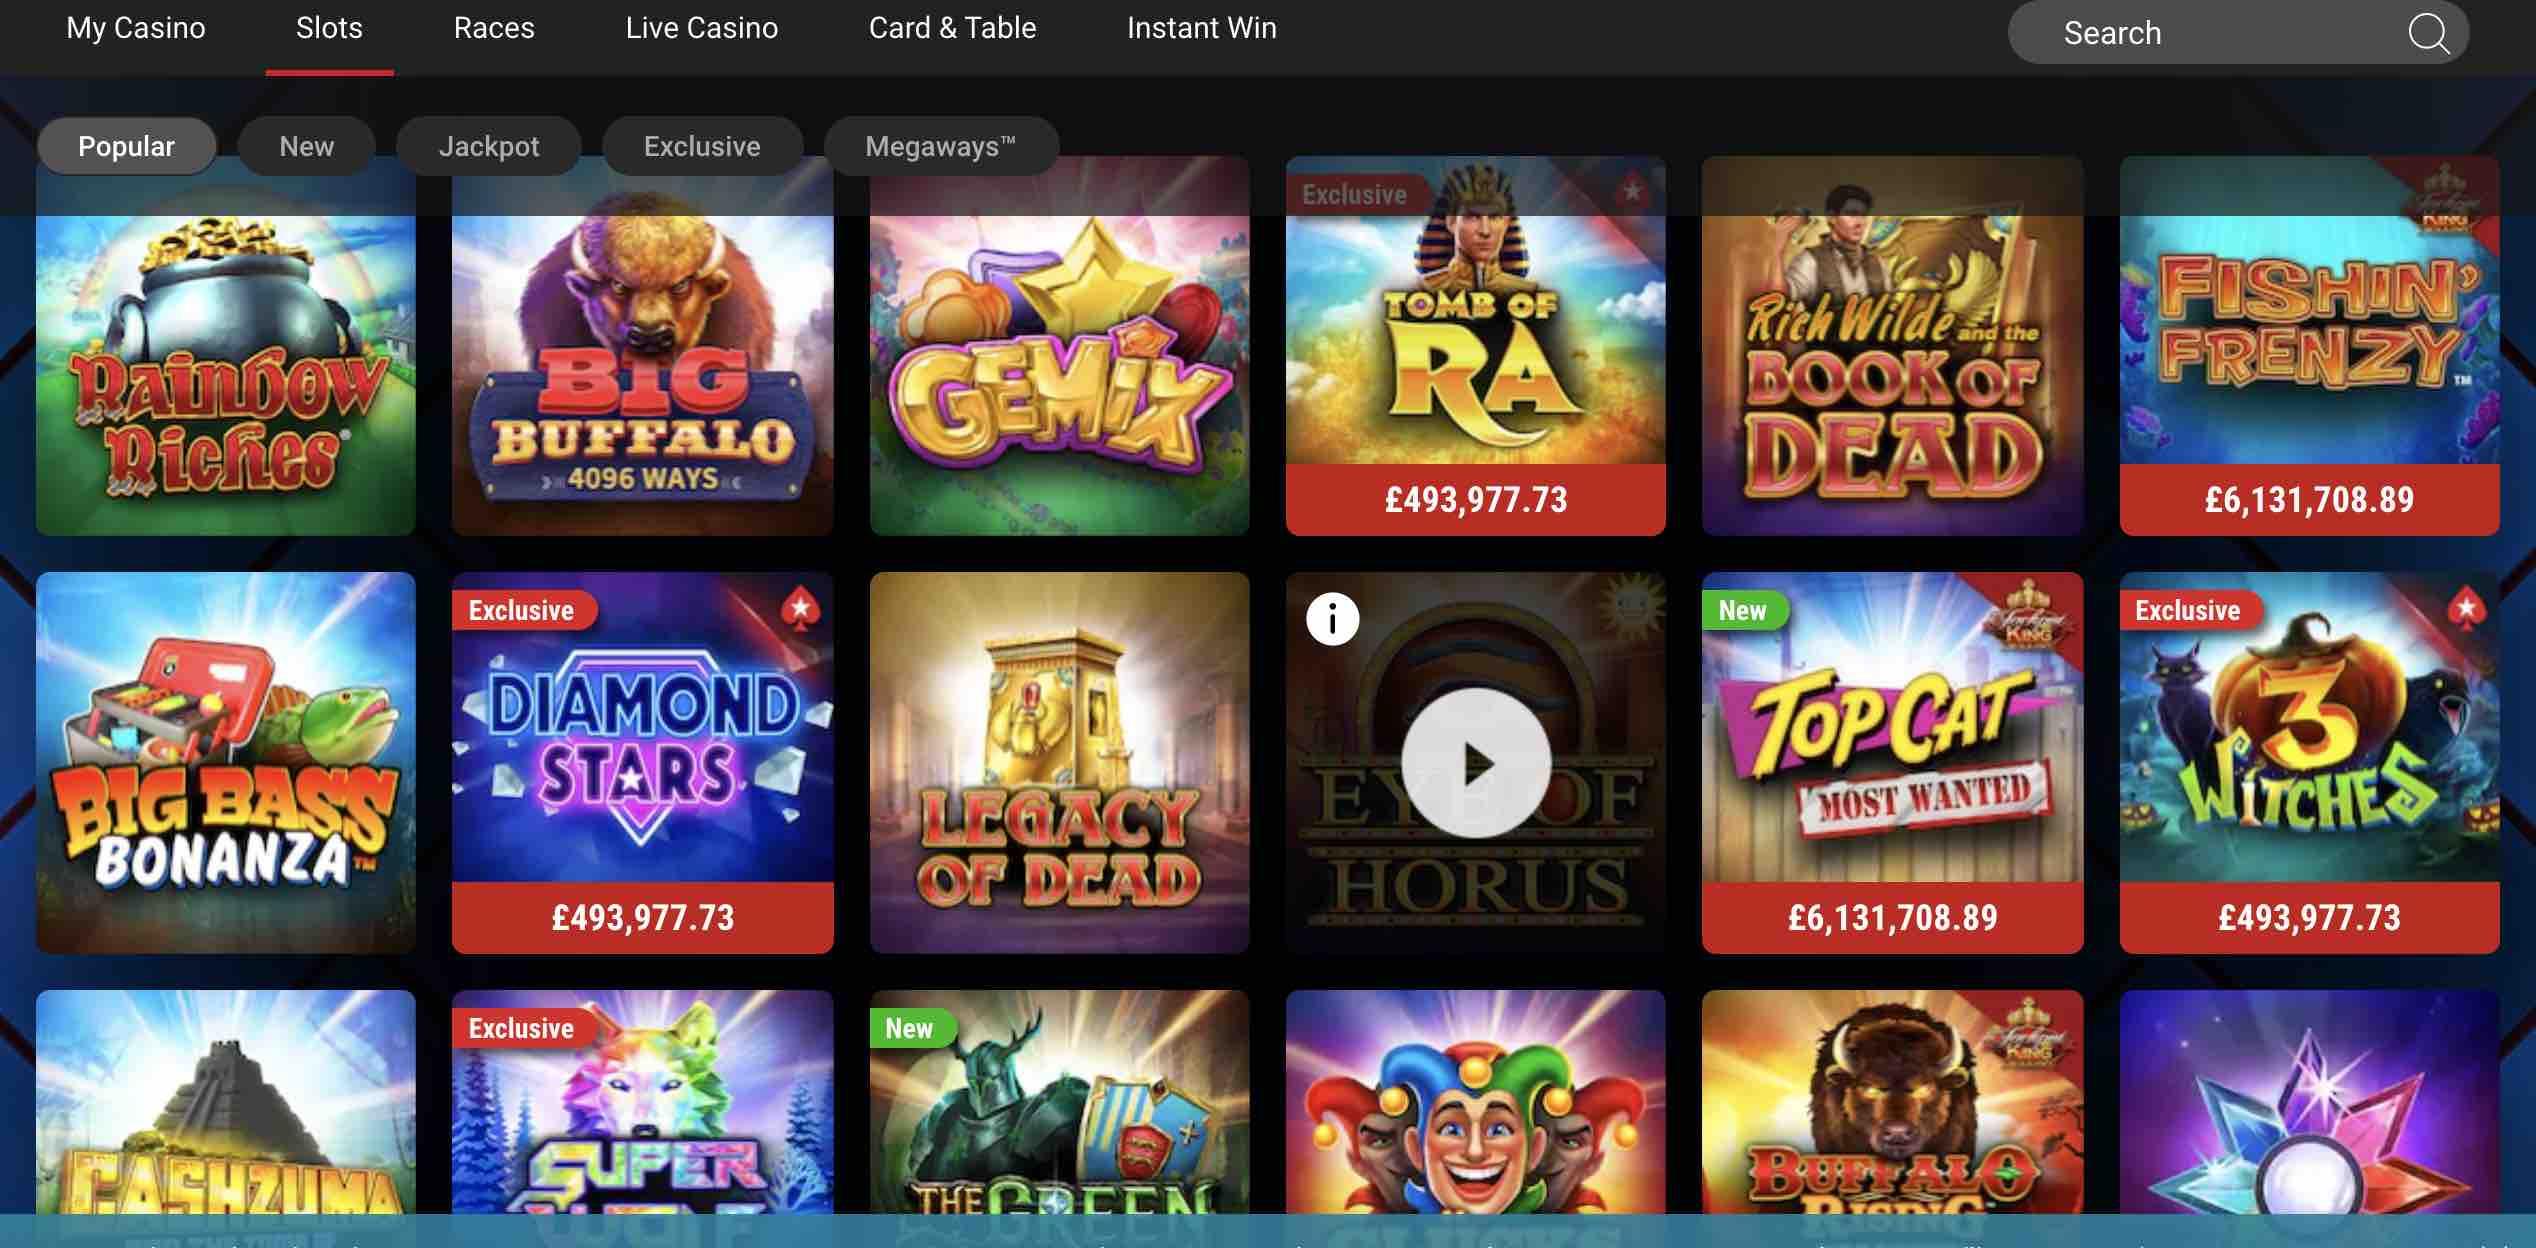 PokerStars Casino Slots and More